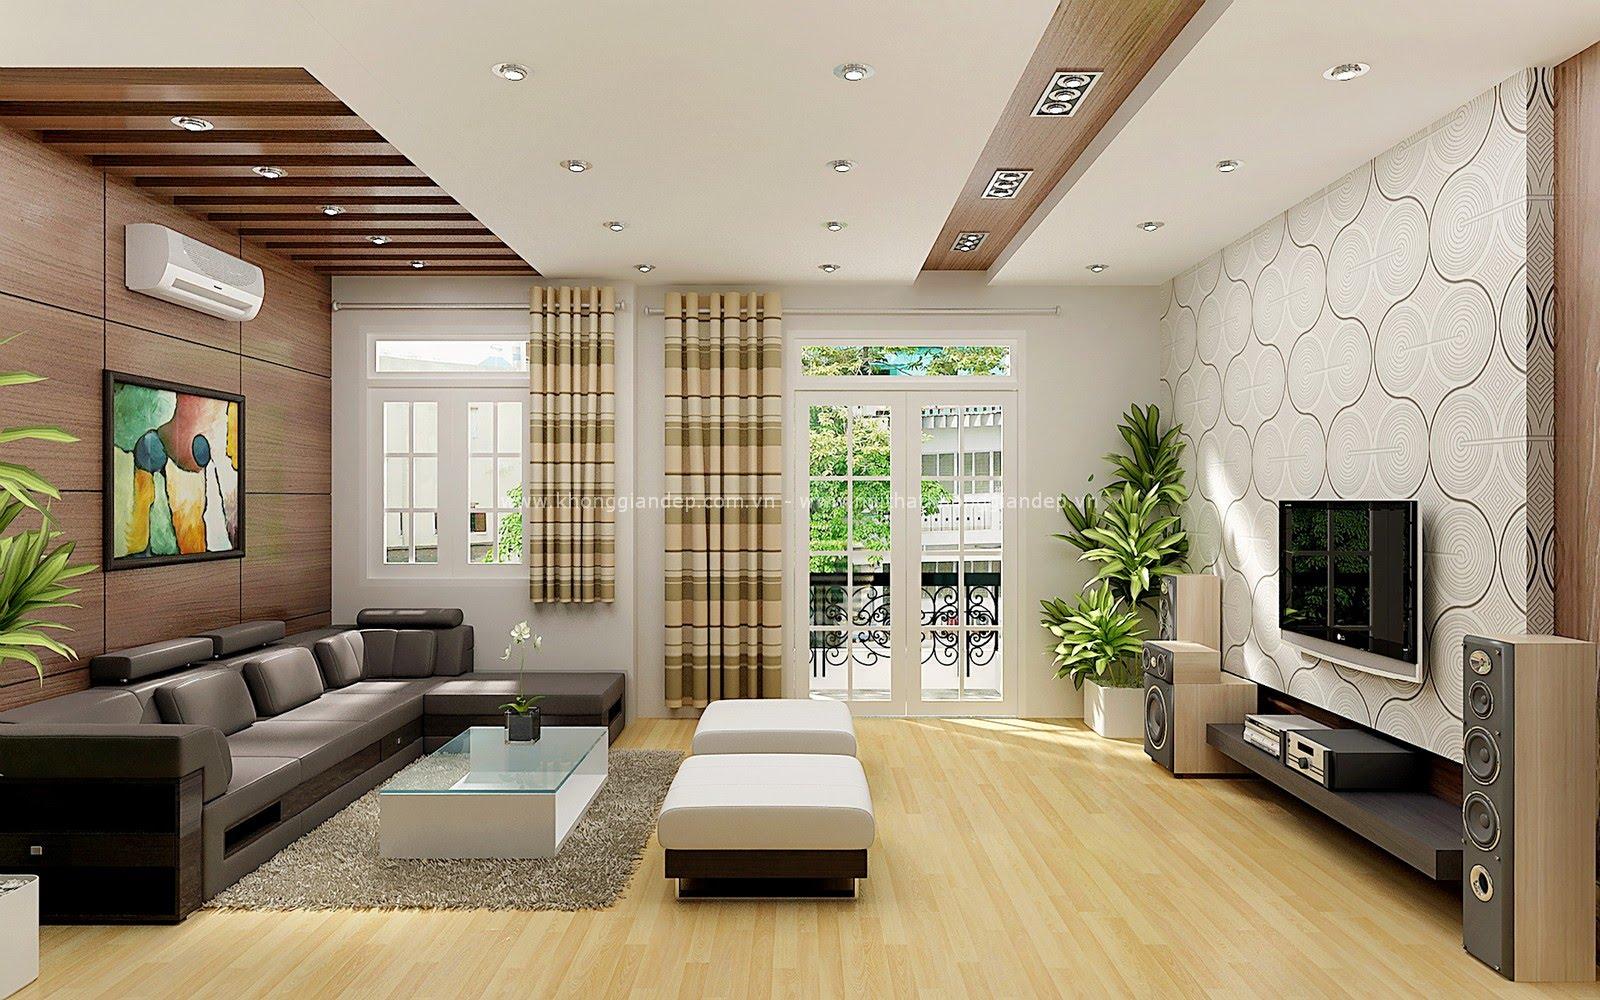 Cách tăng sinh khí cho phòng khách với cây xanh